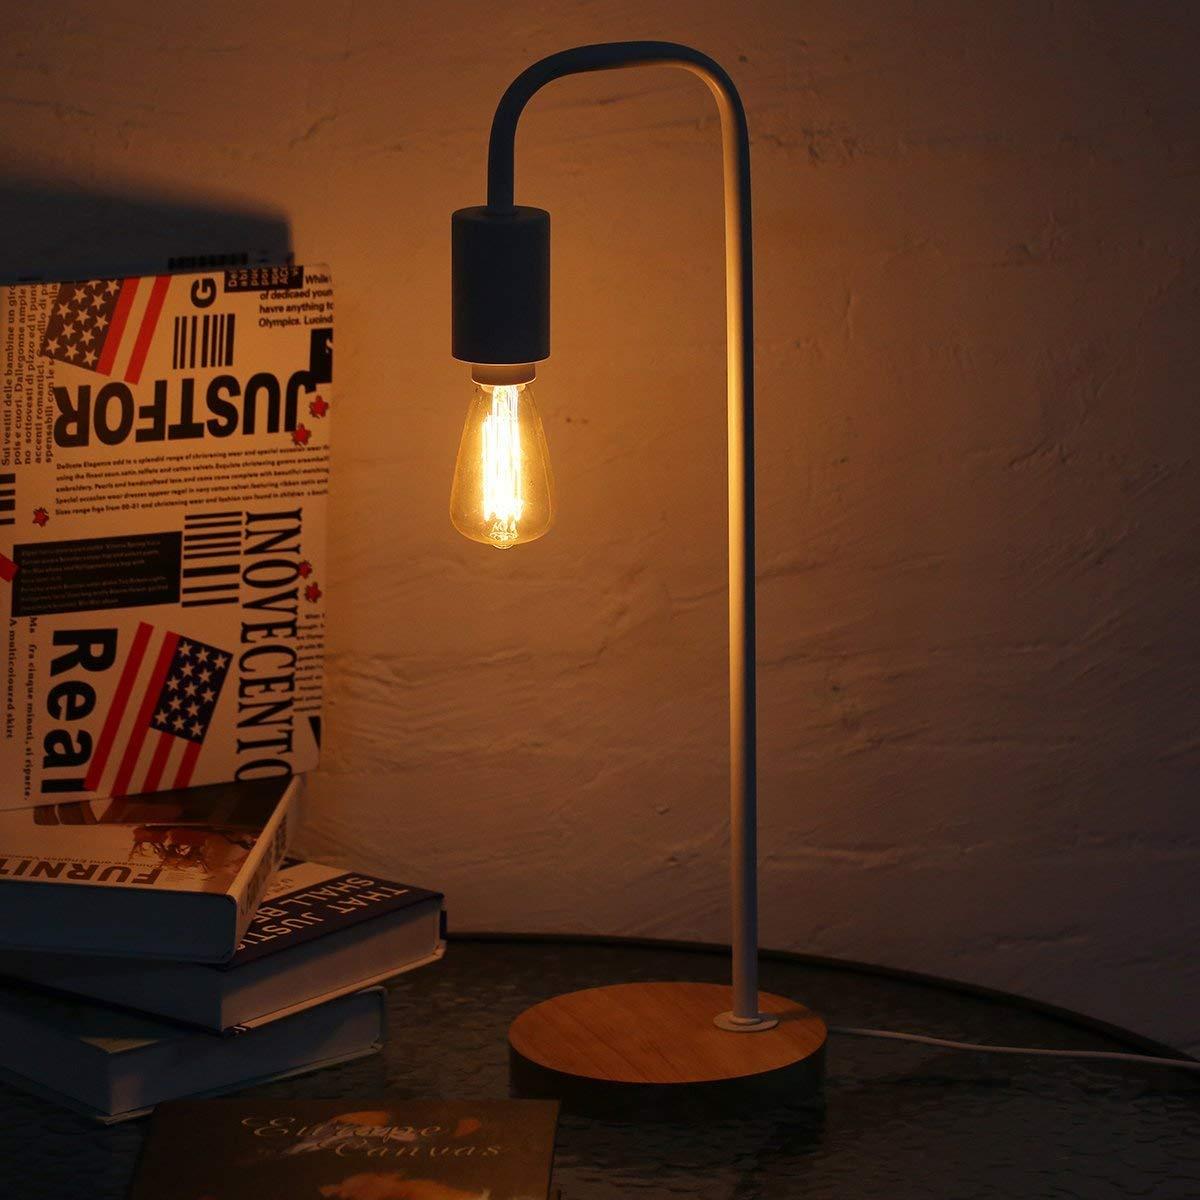 TINS 3 x E14 Edison Ampoule Vintage /à Incandescence Ampoule 40W ST48 R/étro R/étro Nostalgie Style Industriel Ampoule 2200K Ampoule /à Incandescence Blanche Chaude,3 Paquets